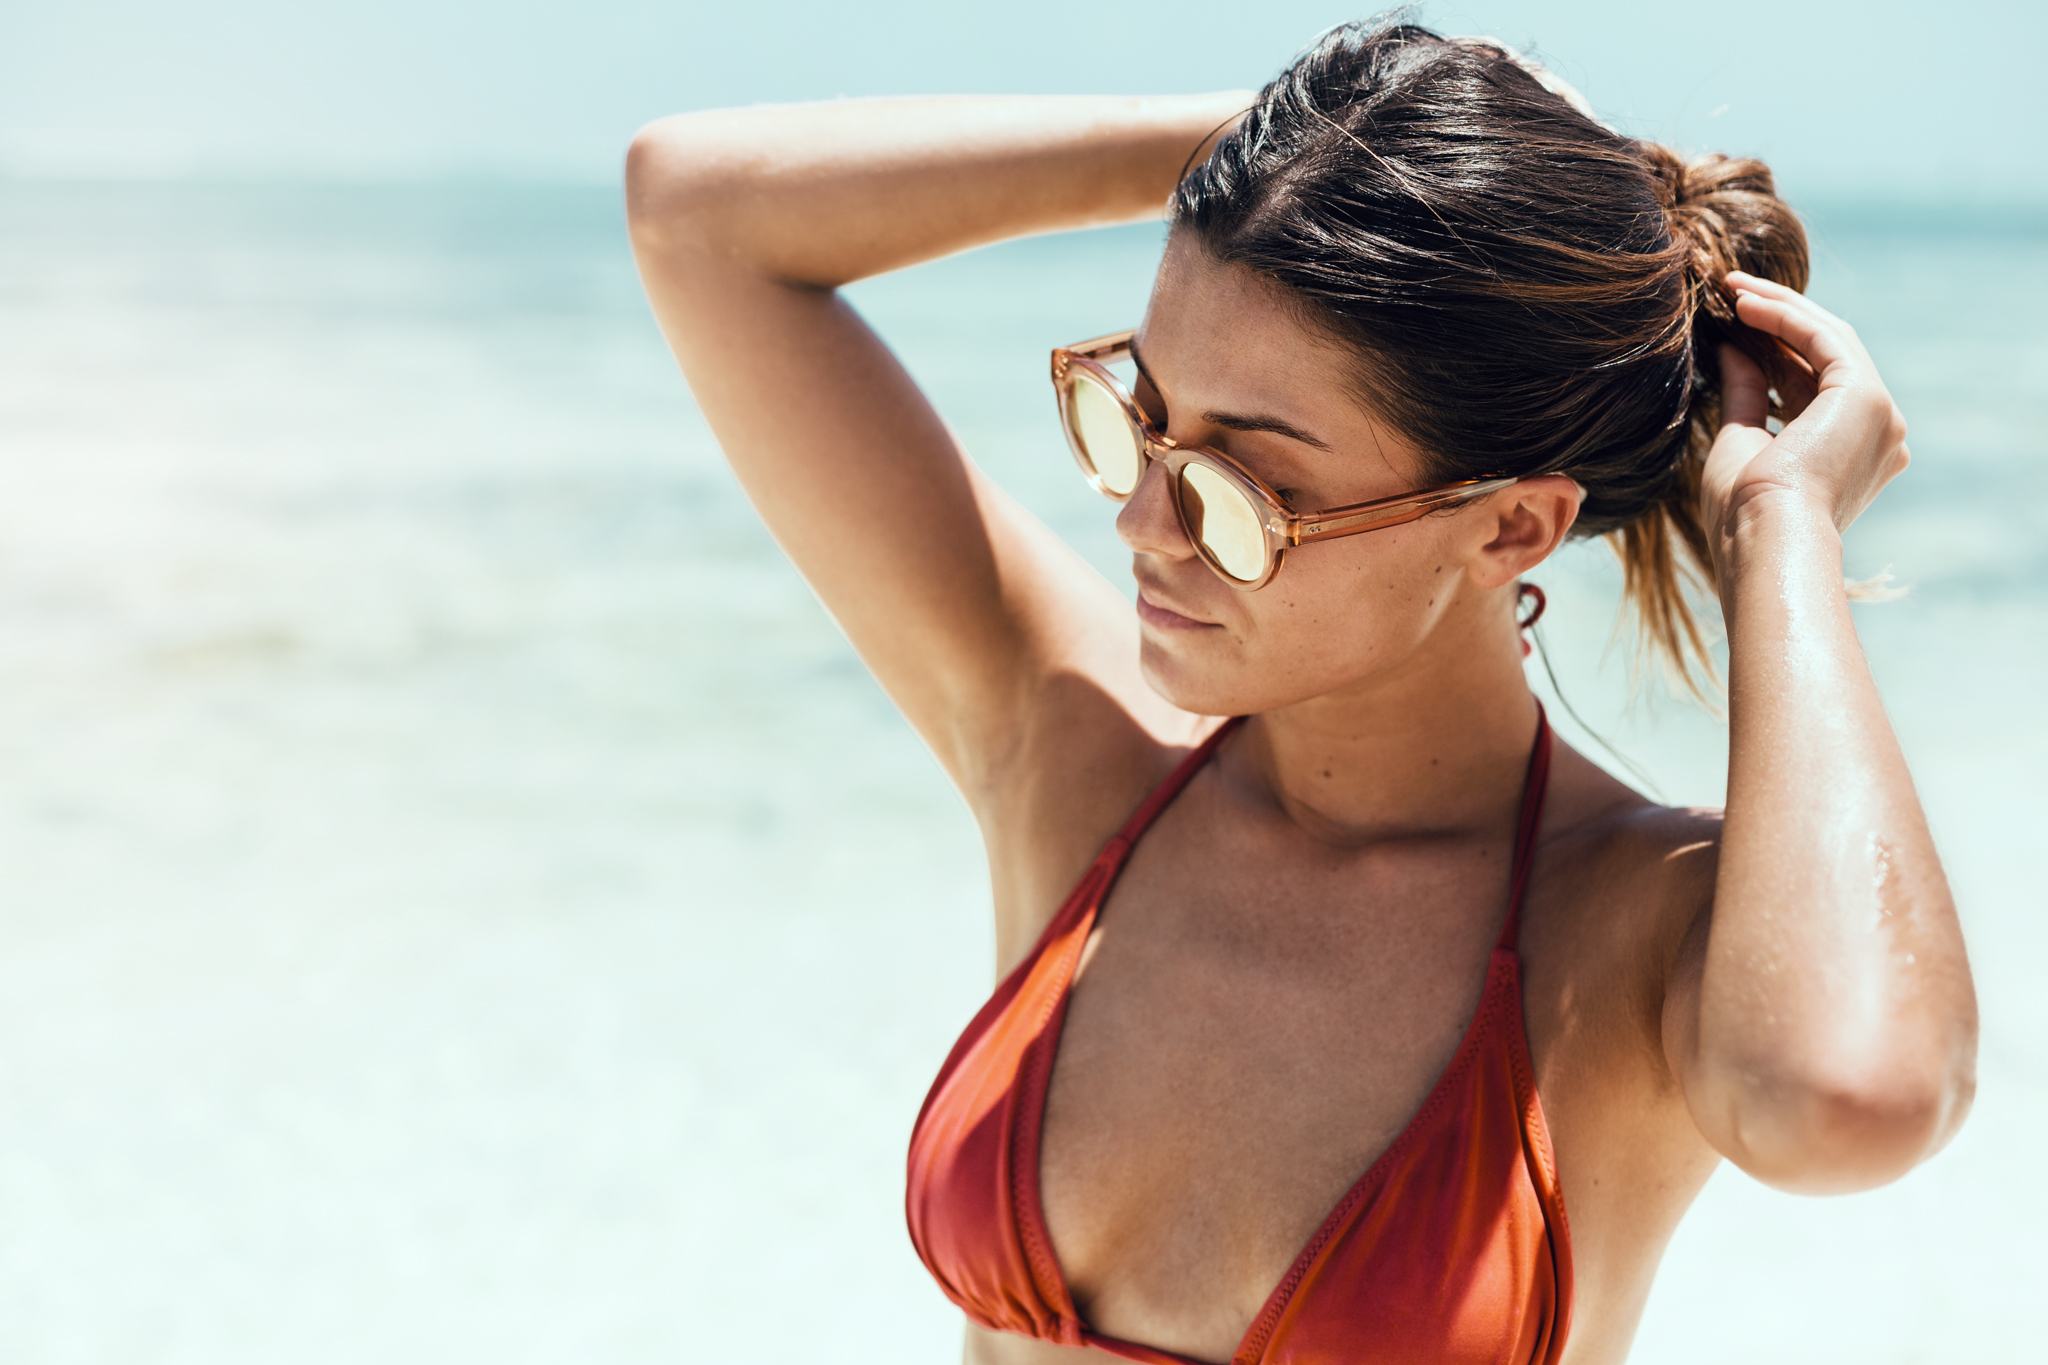 Chimi Eyewear x Bianca Ingrosso by Fabian Wester 16